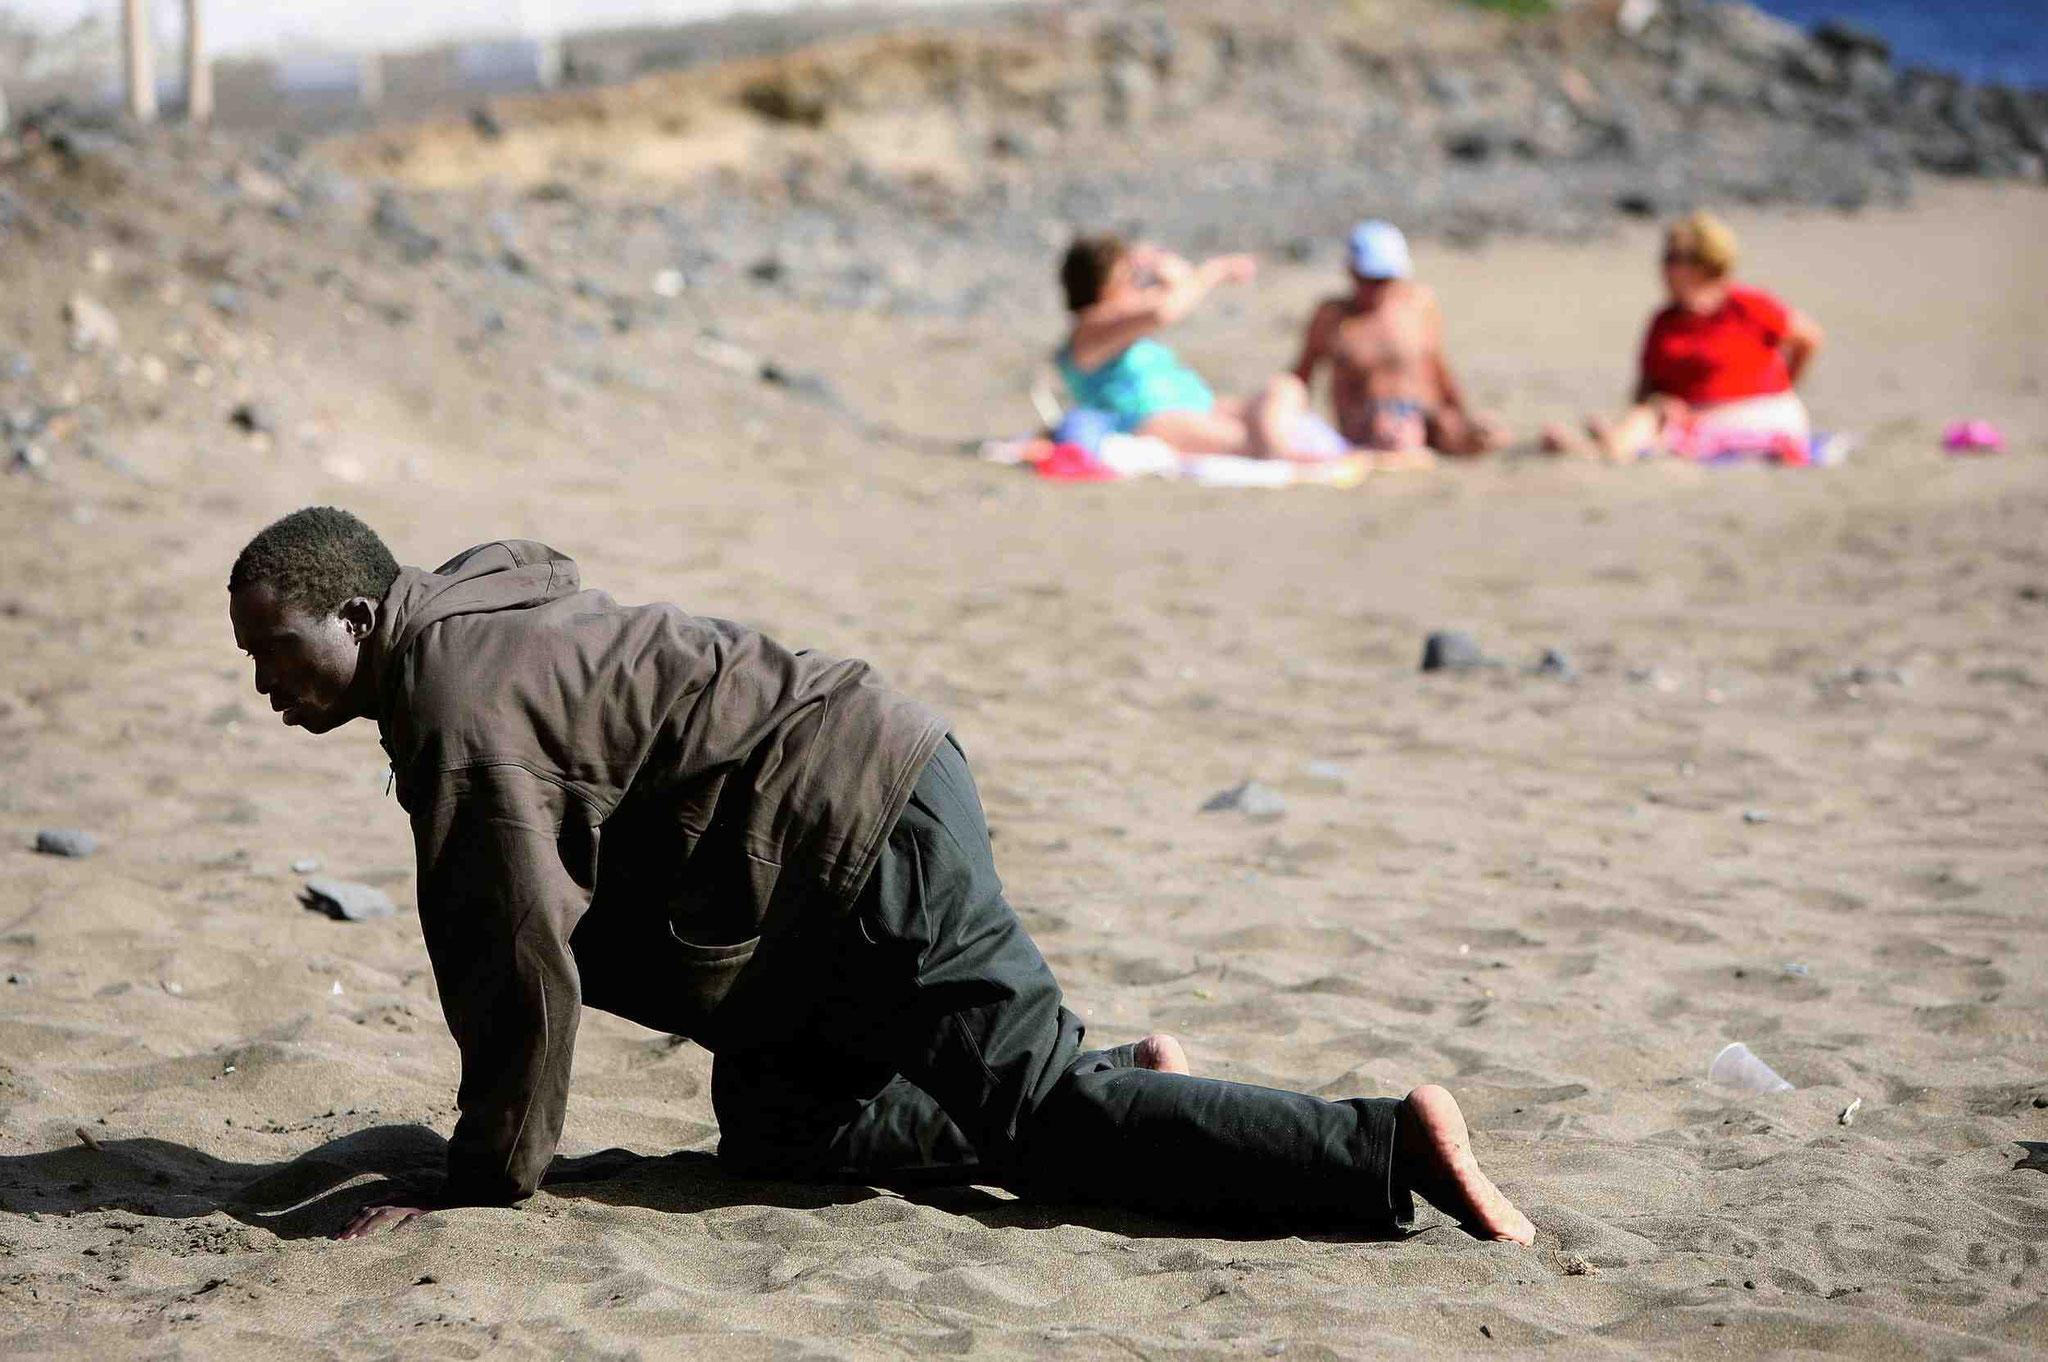 Un inmigrante se desplaza exhausto minutos después de desembarcar en la playa de Gran Tarajal, Fuerteventura (2005). Juan Medina/Reuters